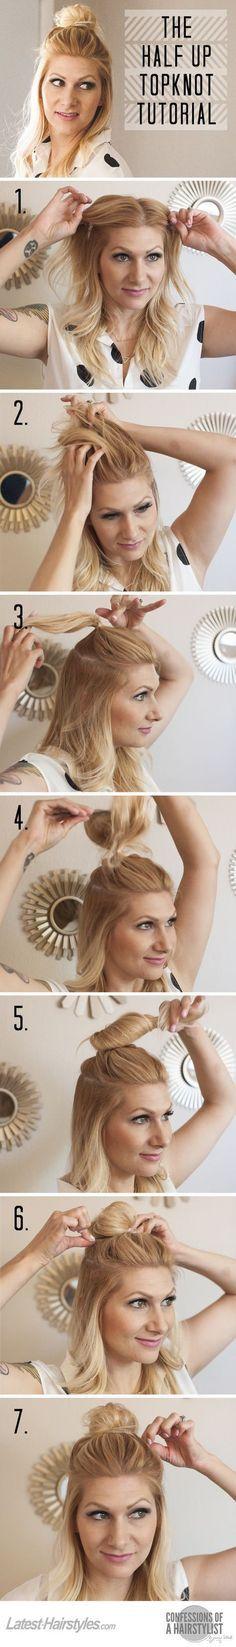 Frühlingszeit & Einfache Frisuren Der Frühling steht vor der Tür und es wird Zeit für frische und stylishe Haarstyles. Diese Saison geht es um Freiheit, Jugend und wunderschöne Düfte. Mit der perfekten Frisur l